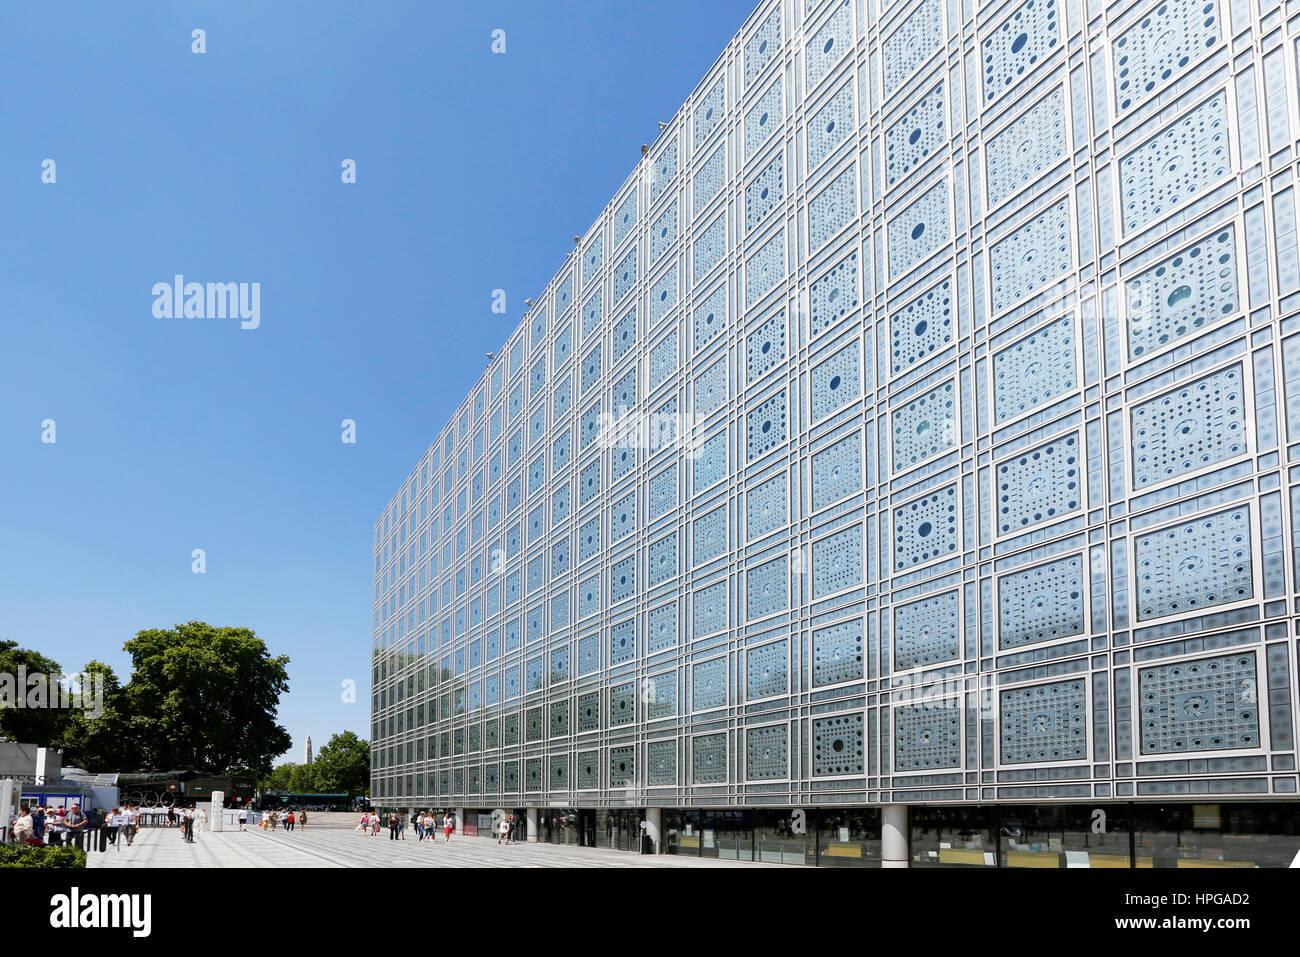 France, Paris. 5th arrondissement. Arab World Institute. - Stock Image